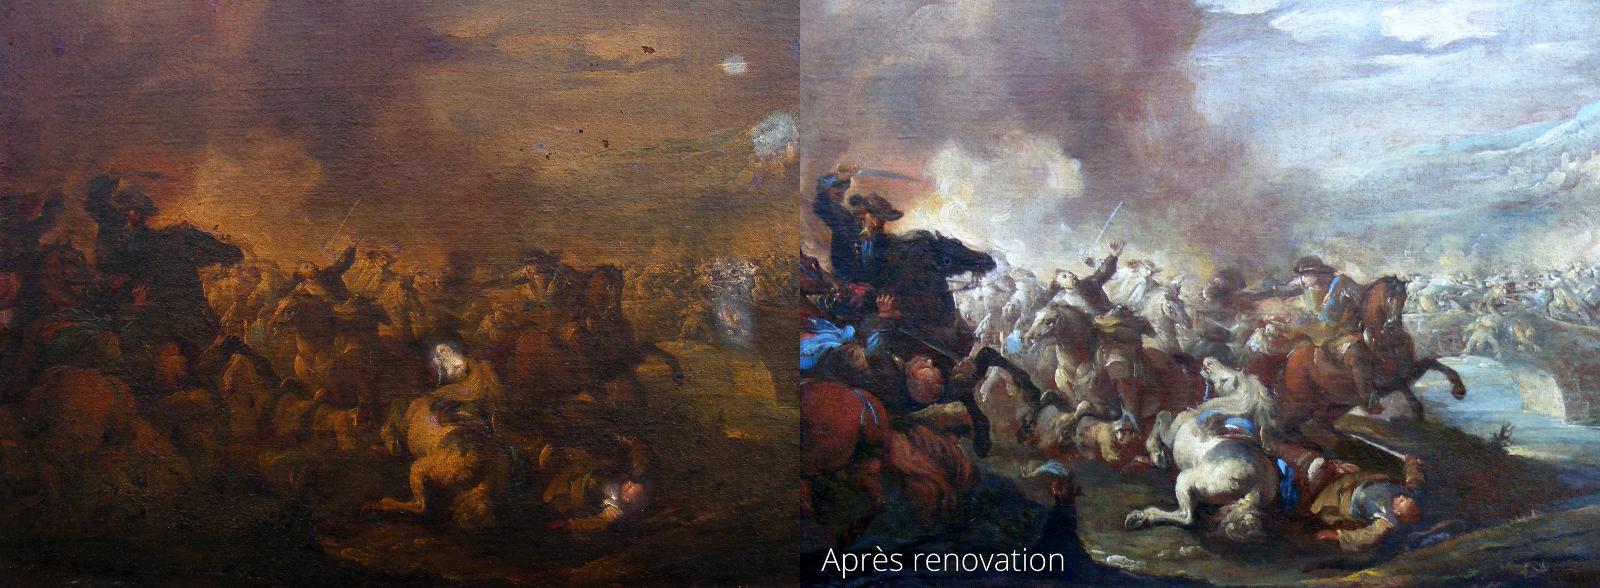 travail de restauration 12 à Mer │ Dominique Eymond